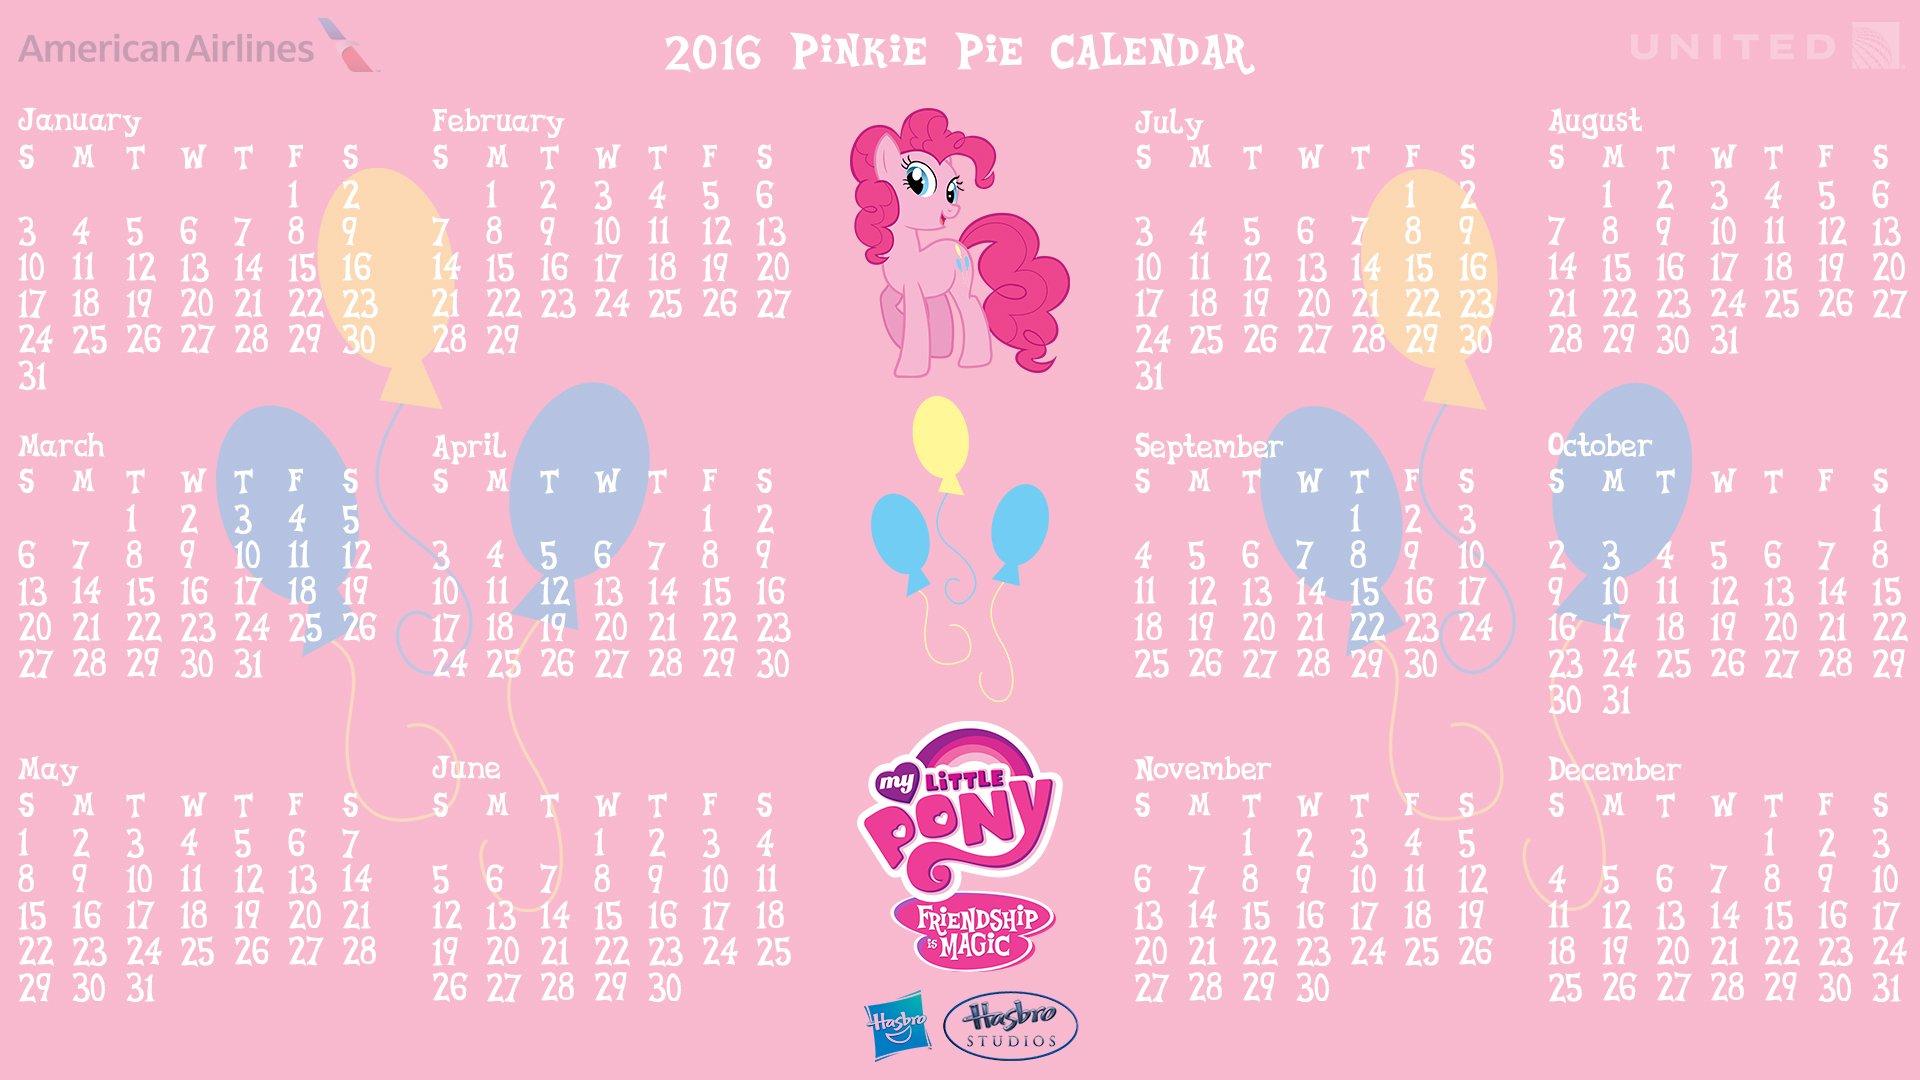 обои рабочего стола календарь октябрь 2016 № 1355622  скачать